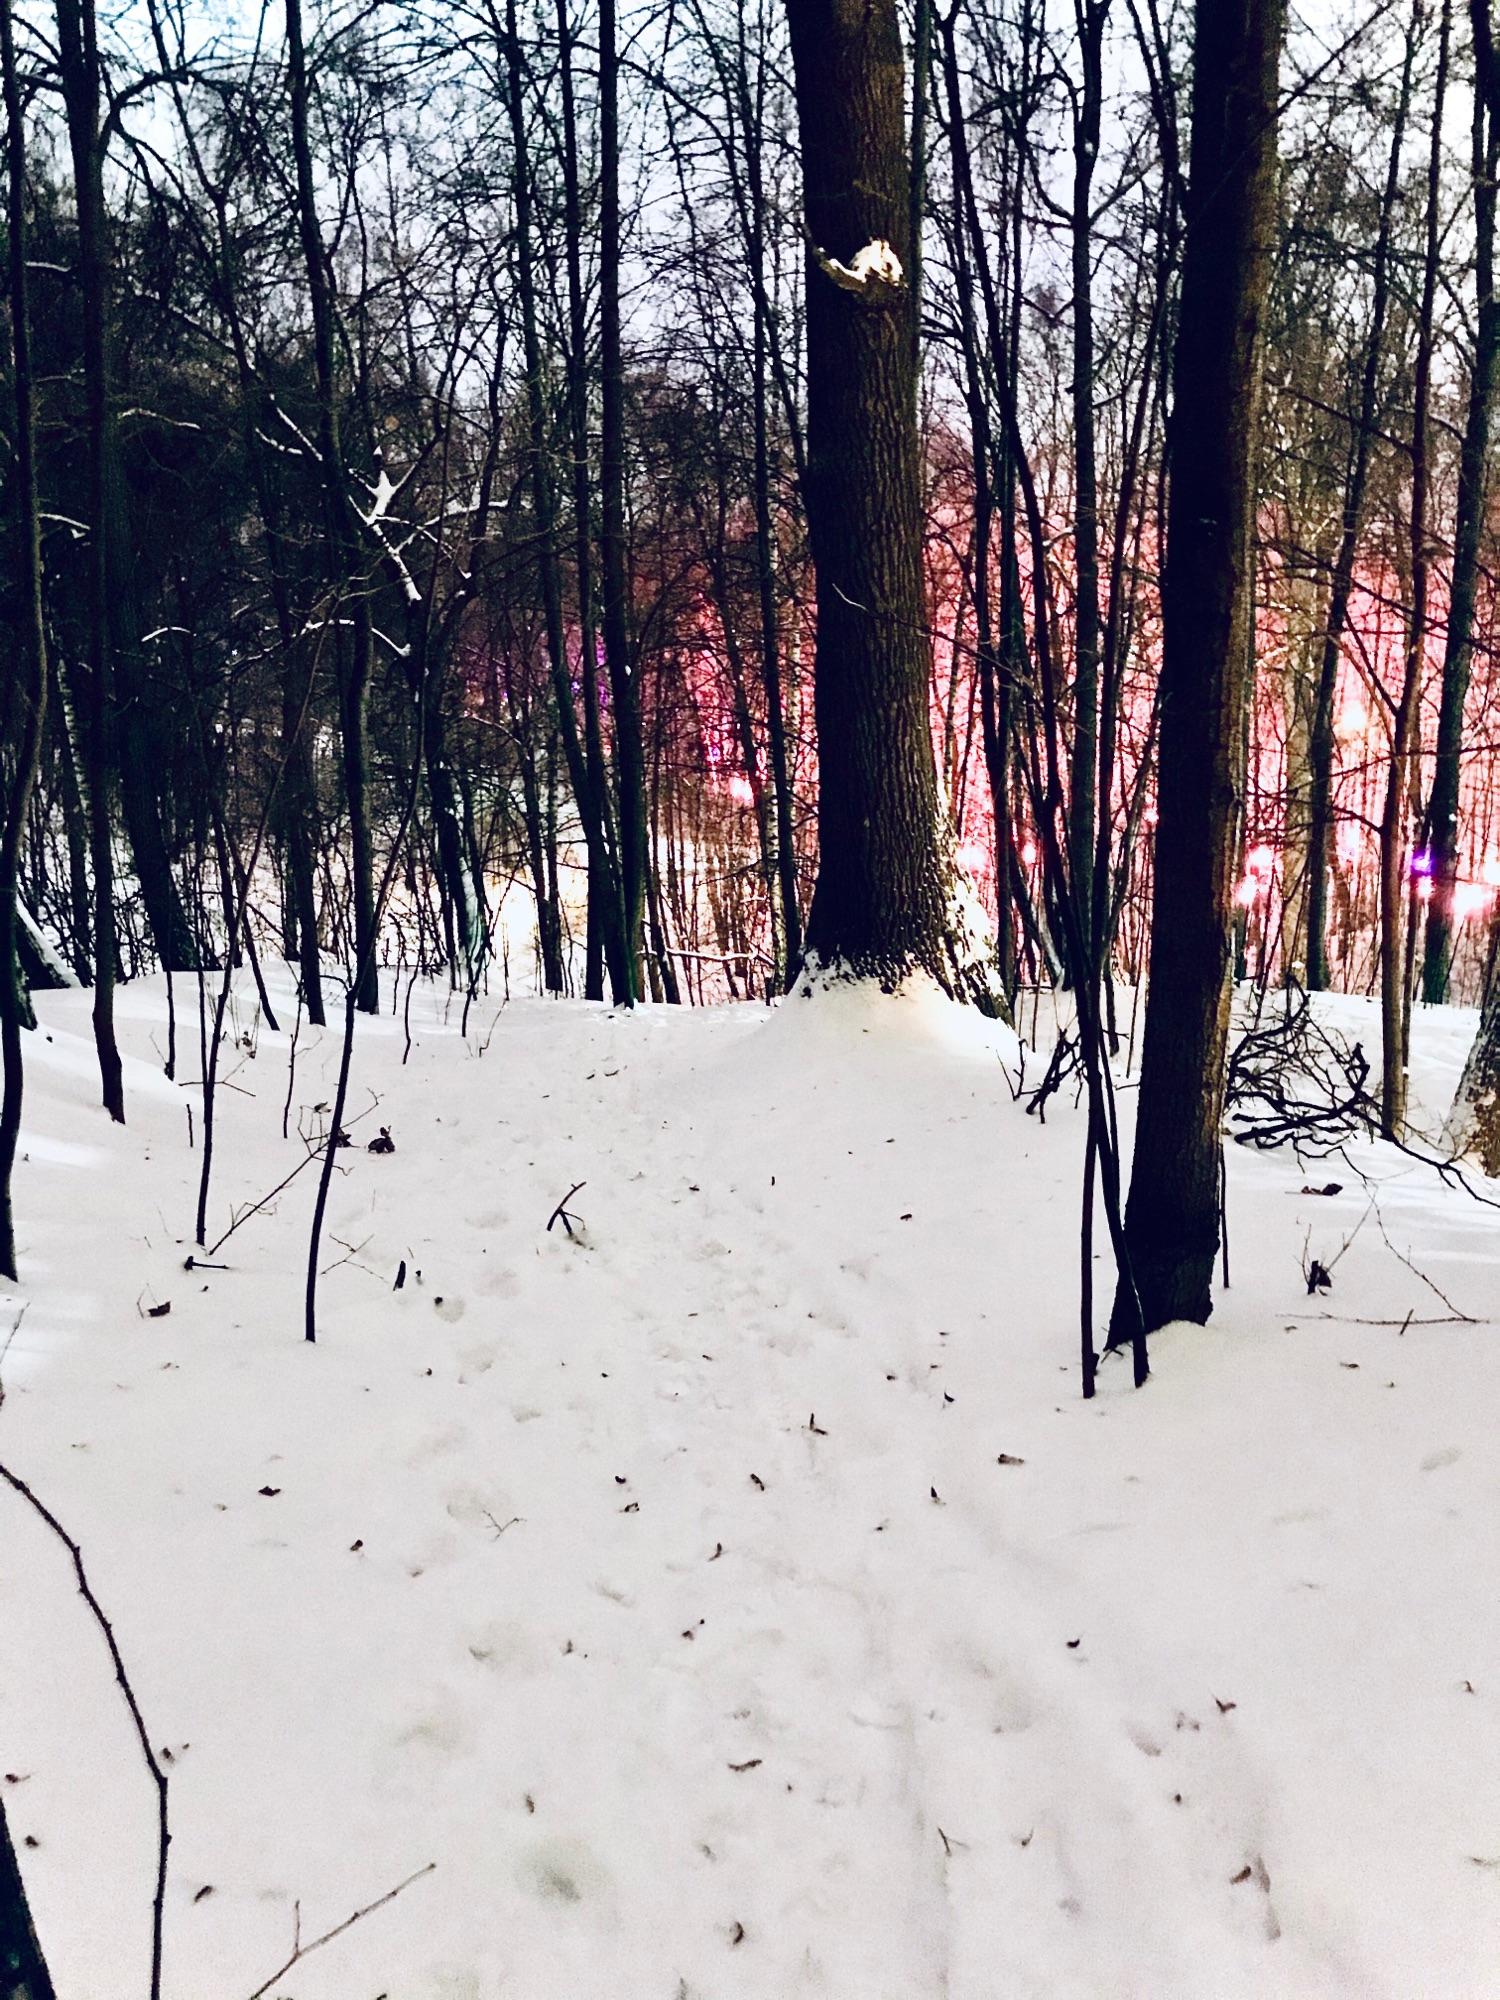 Я пробиралась через лес, постепенно все выше и выше... на Воробьёвы горы